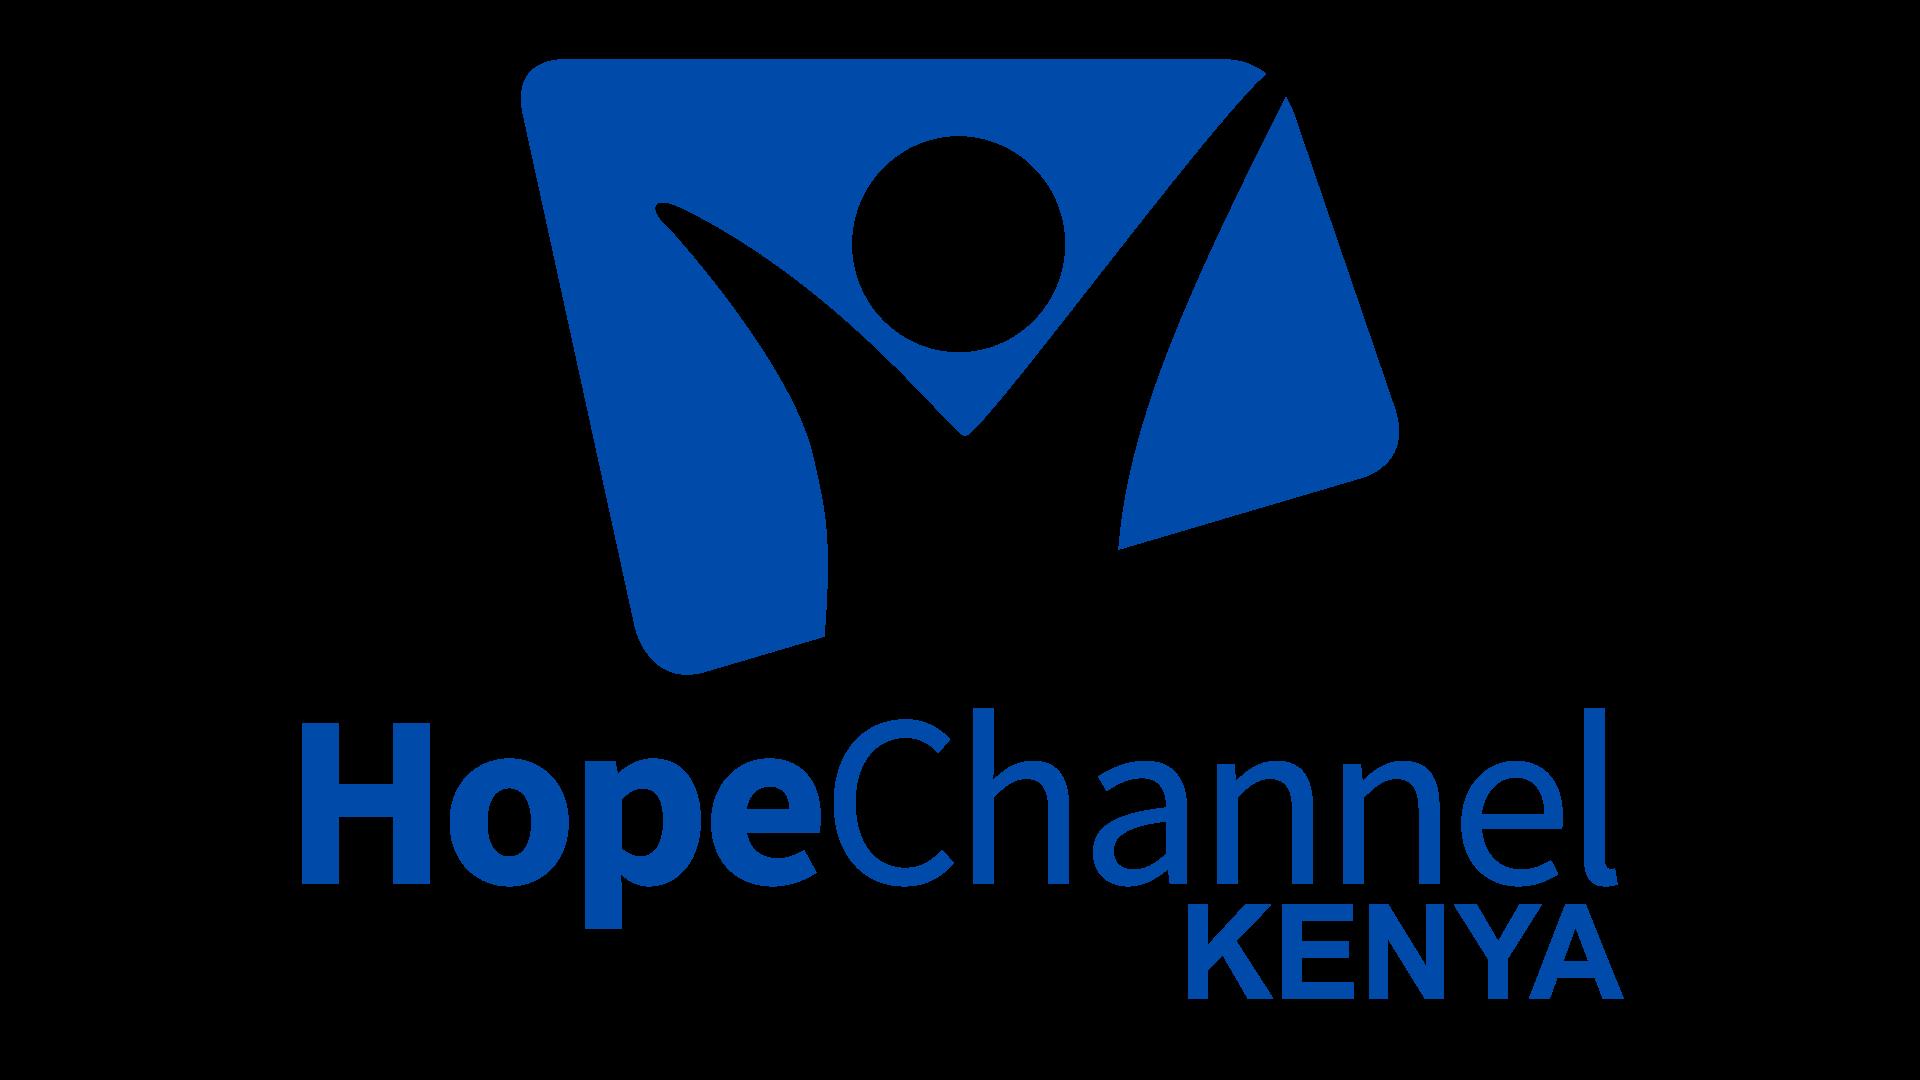 Hope Channel Kenya Live TV, Online